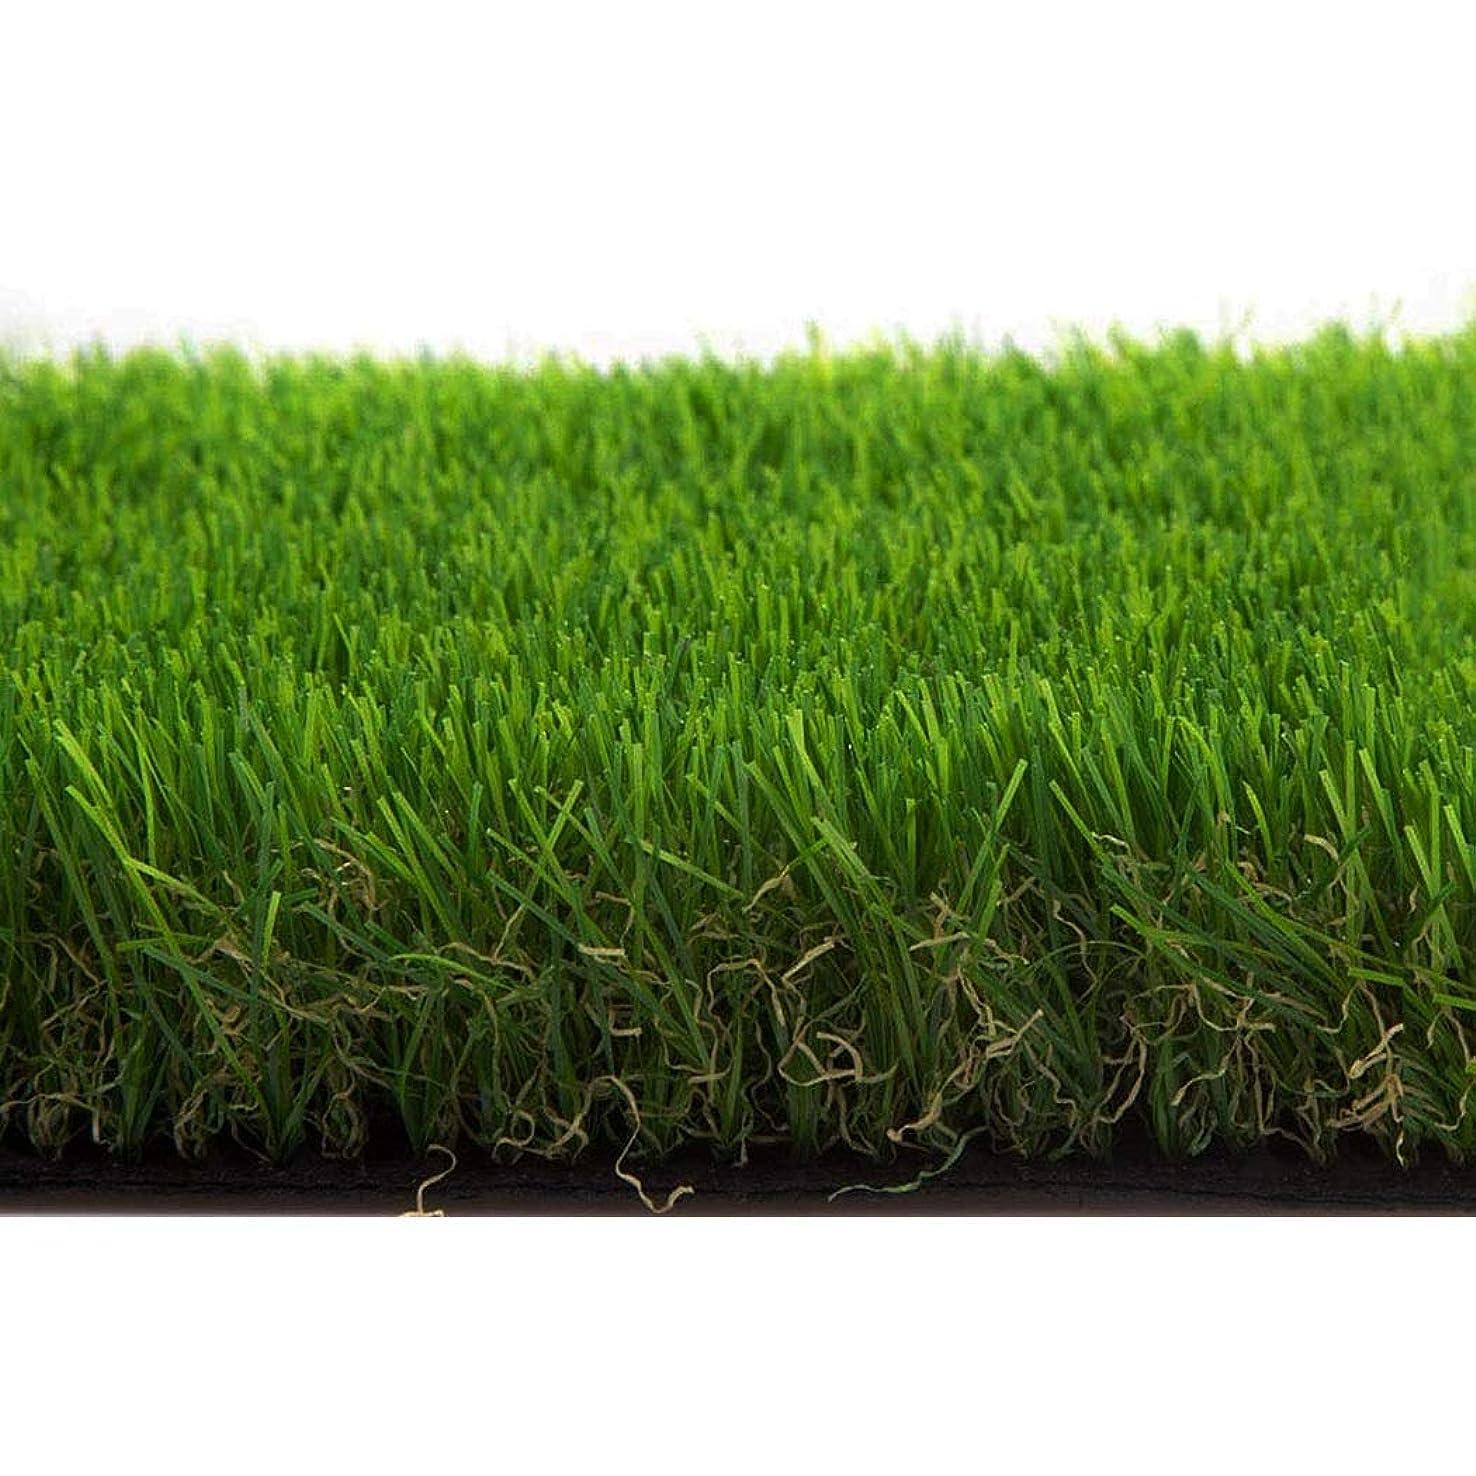 悪意アルファベットアーチイ草 畳 デラックスターフ人工芝リアルフェイクグラスアウトドアグリーン芝生ラグペット犬用芝生おしっこパッド合成グラスドアマットフェイクグラスグリーン (Color : 30mm, Size : 1mX2m)